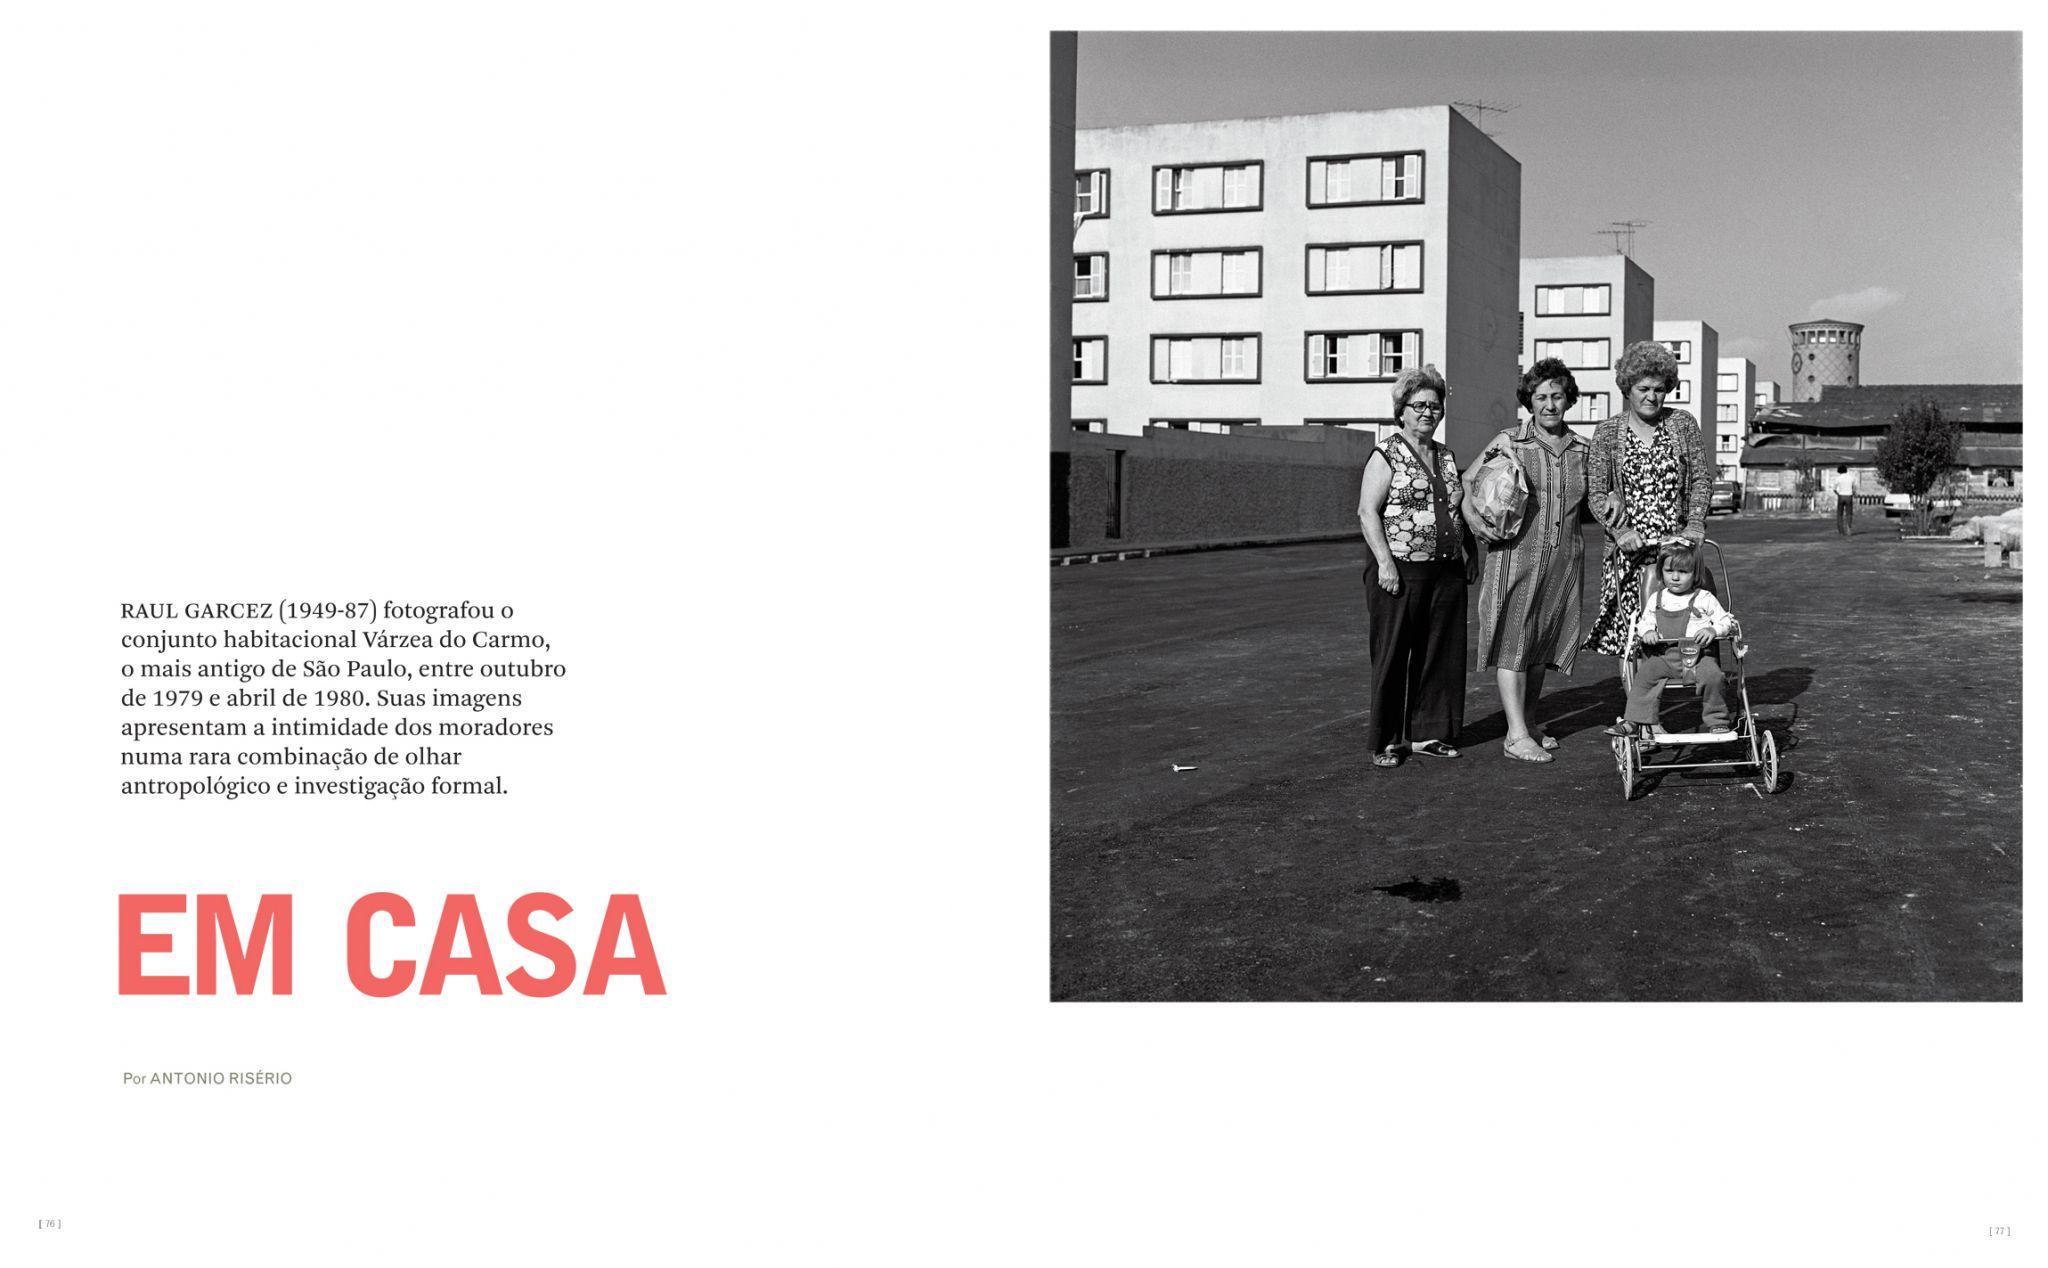 Raul Garcez (1949-87) fotografou o conjunto habitacional Várzea do Carmo, o mais antigo de São Paulo, entre outubro de 1979 e abril de 1980. A ZUM selecionou 16 fotografias, muitas delas inéditas, para o ensaio que apresenta nesta edição, comentado por Antonio Risério.